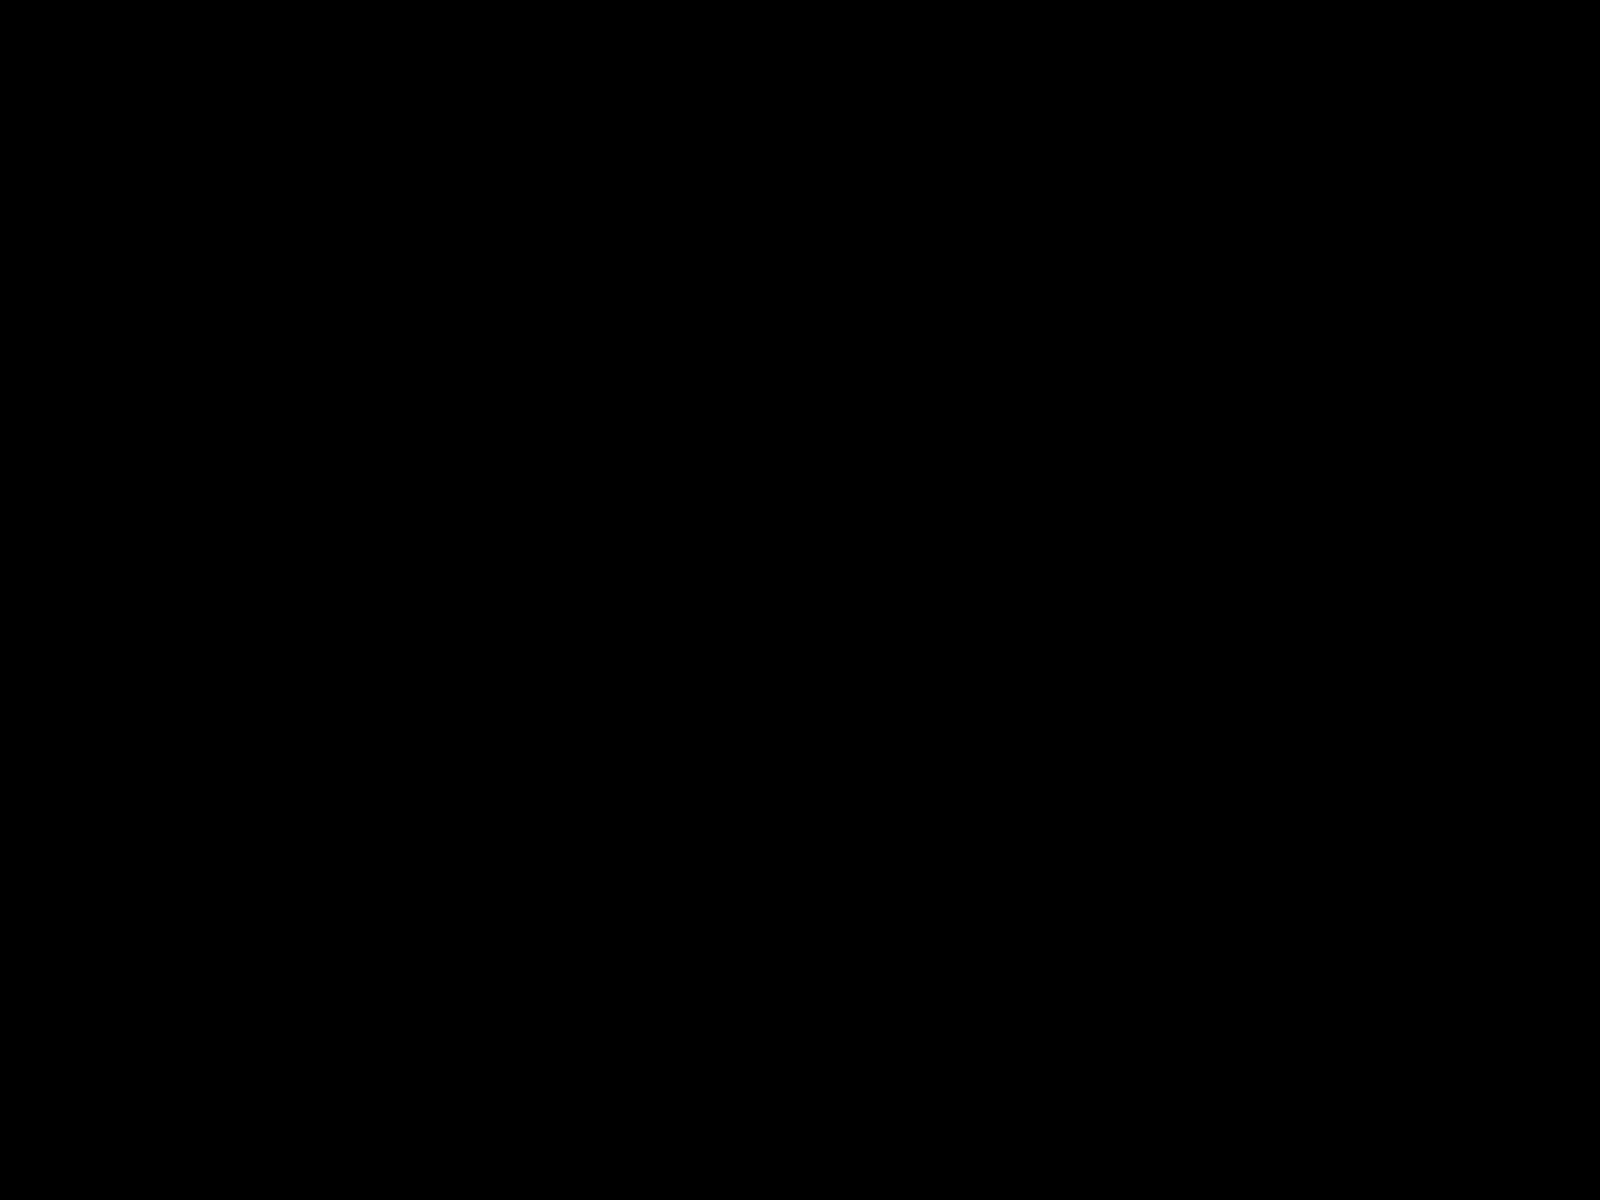 ¡UNA GRAN OPORTUNIDAD! El dodecaedro de la Planificación Anticipada.